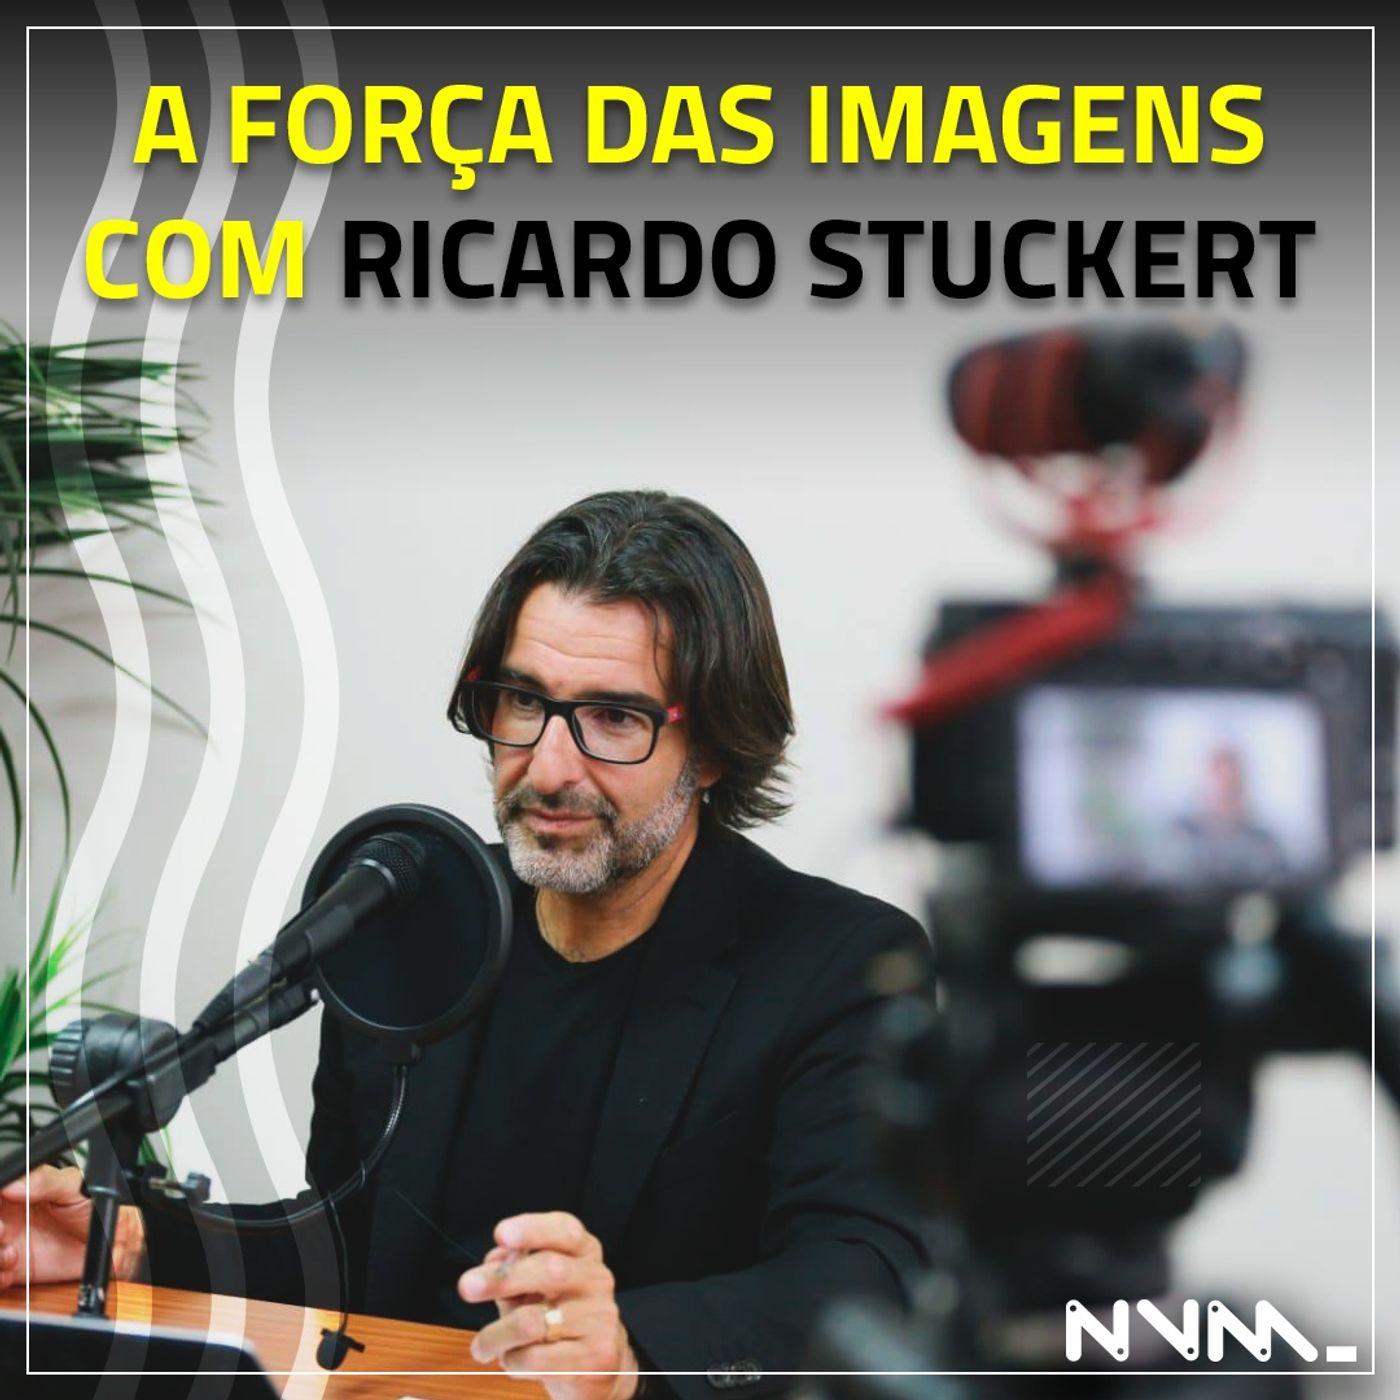 #04 A força das imagens, com Ricardo Stuckert.